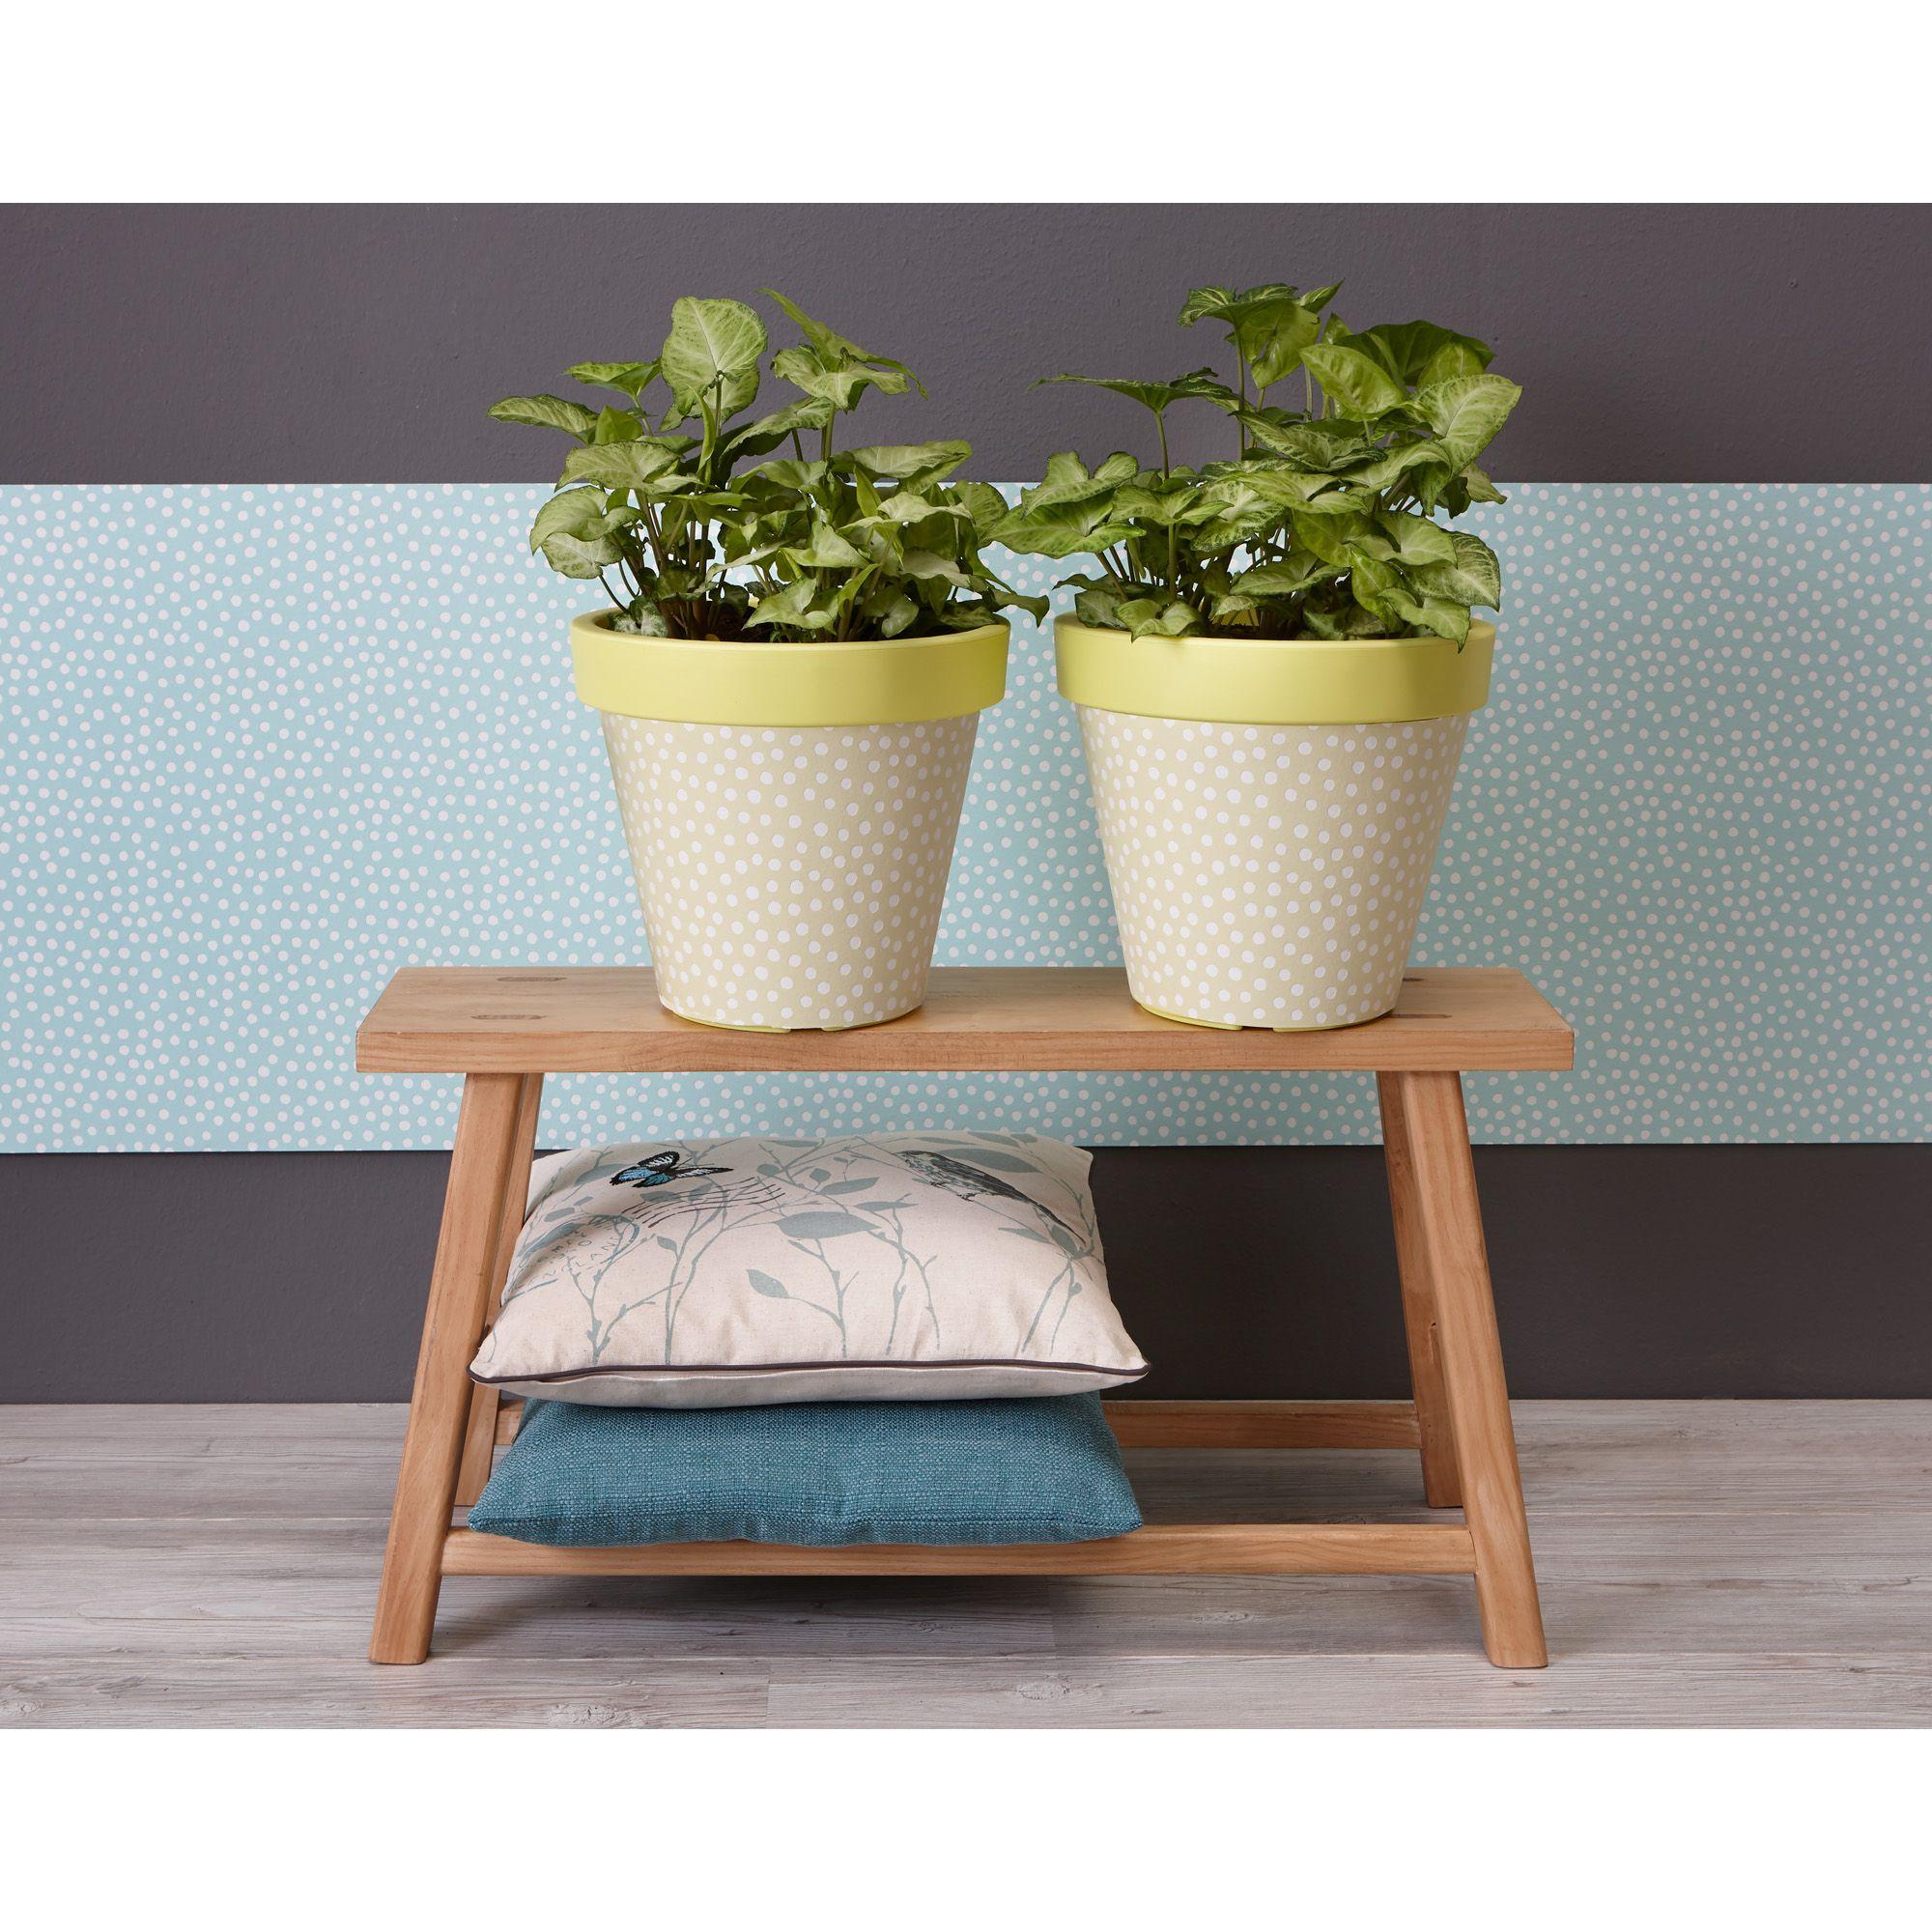 bloempotten staan ook hartstikke leuk in huis door ze op te leuken met behang maak